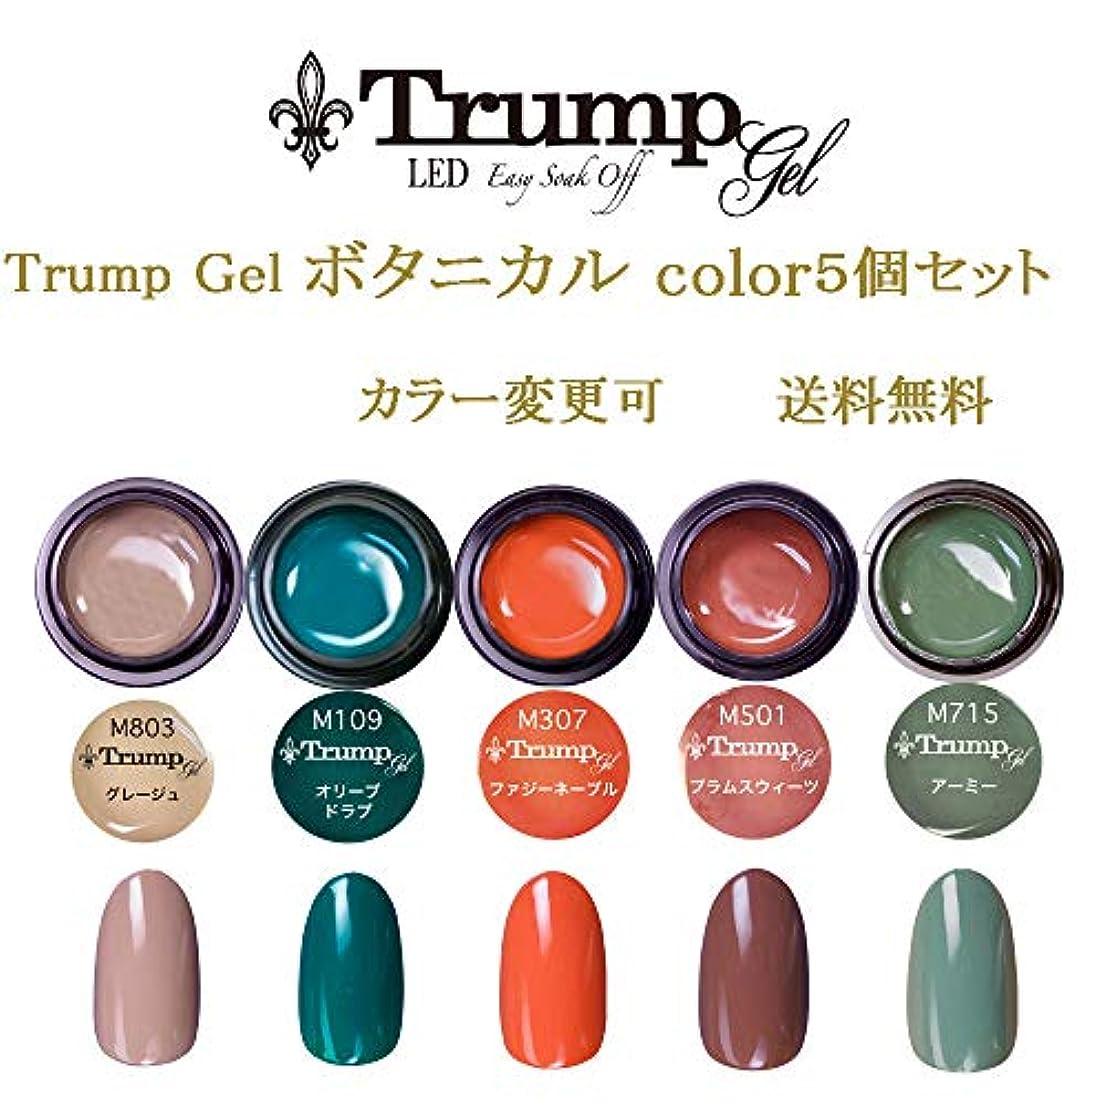 ロバ凍結すき日本製 Trump gel トランプジェル ボタニカルカラー 選べる カラージェル 5個セット カーキー ベージュ グリーン